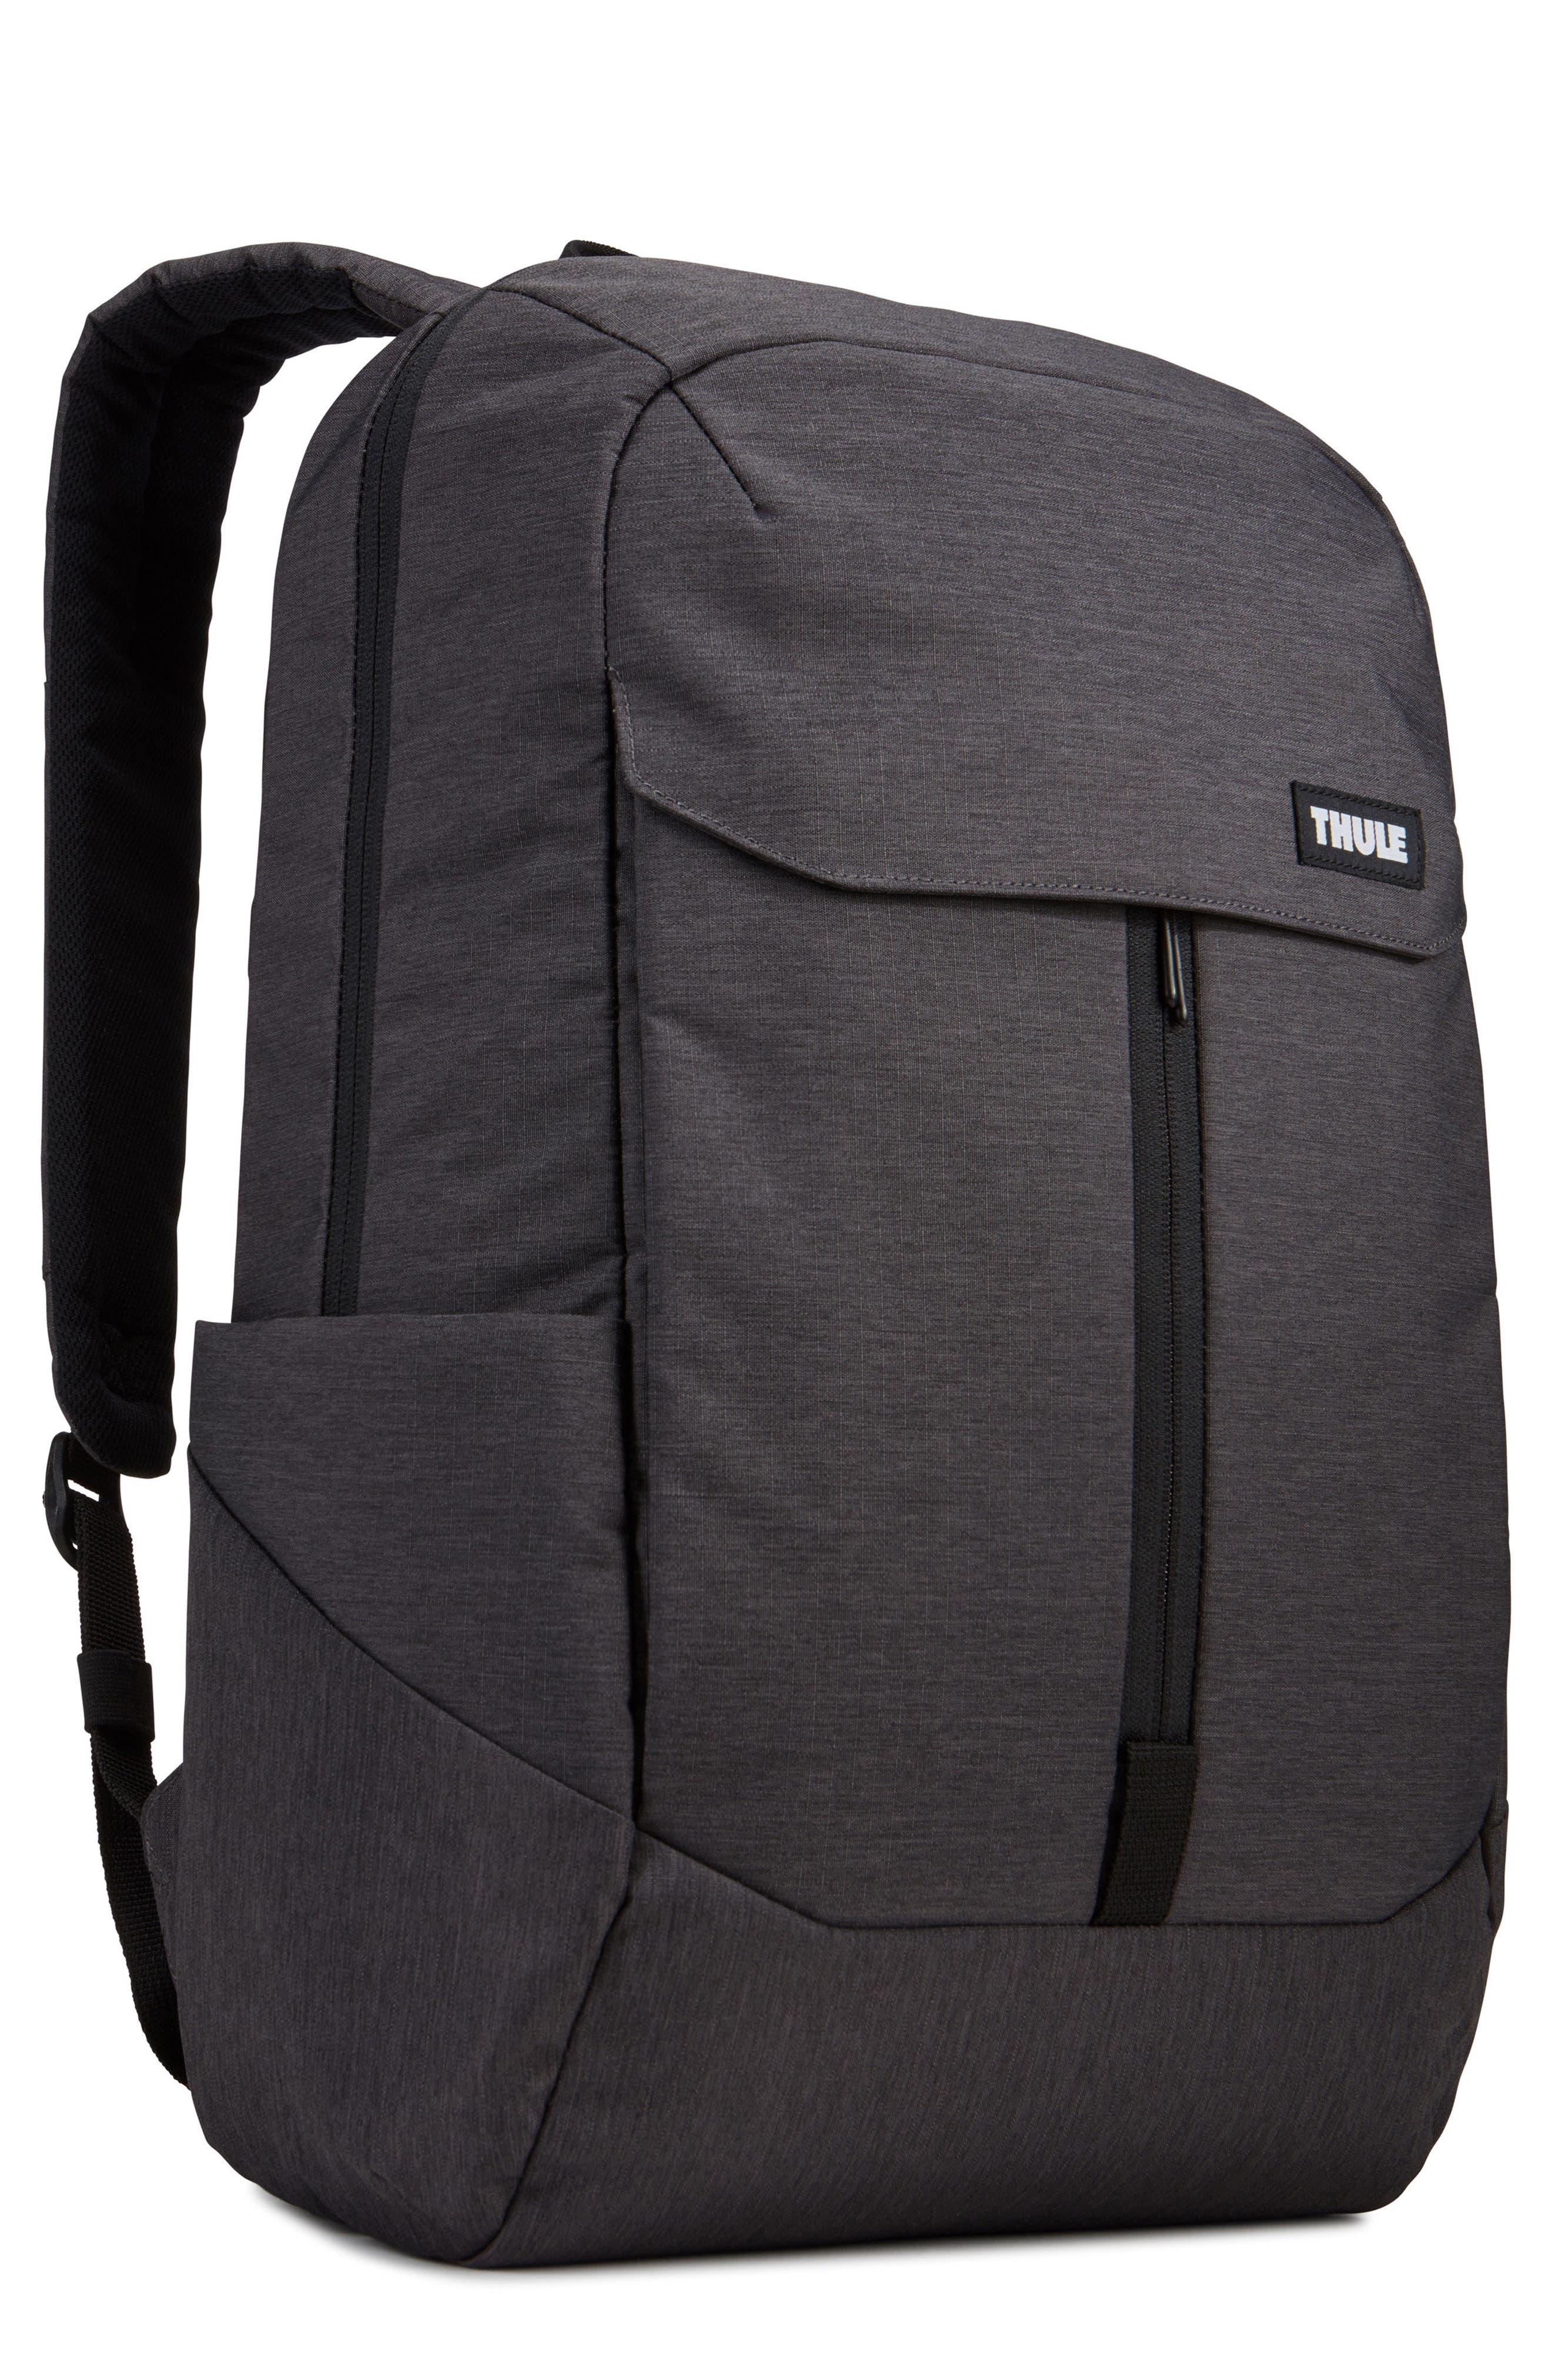 Lithos Backpack,                         Main,                         color, Black